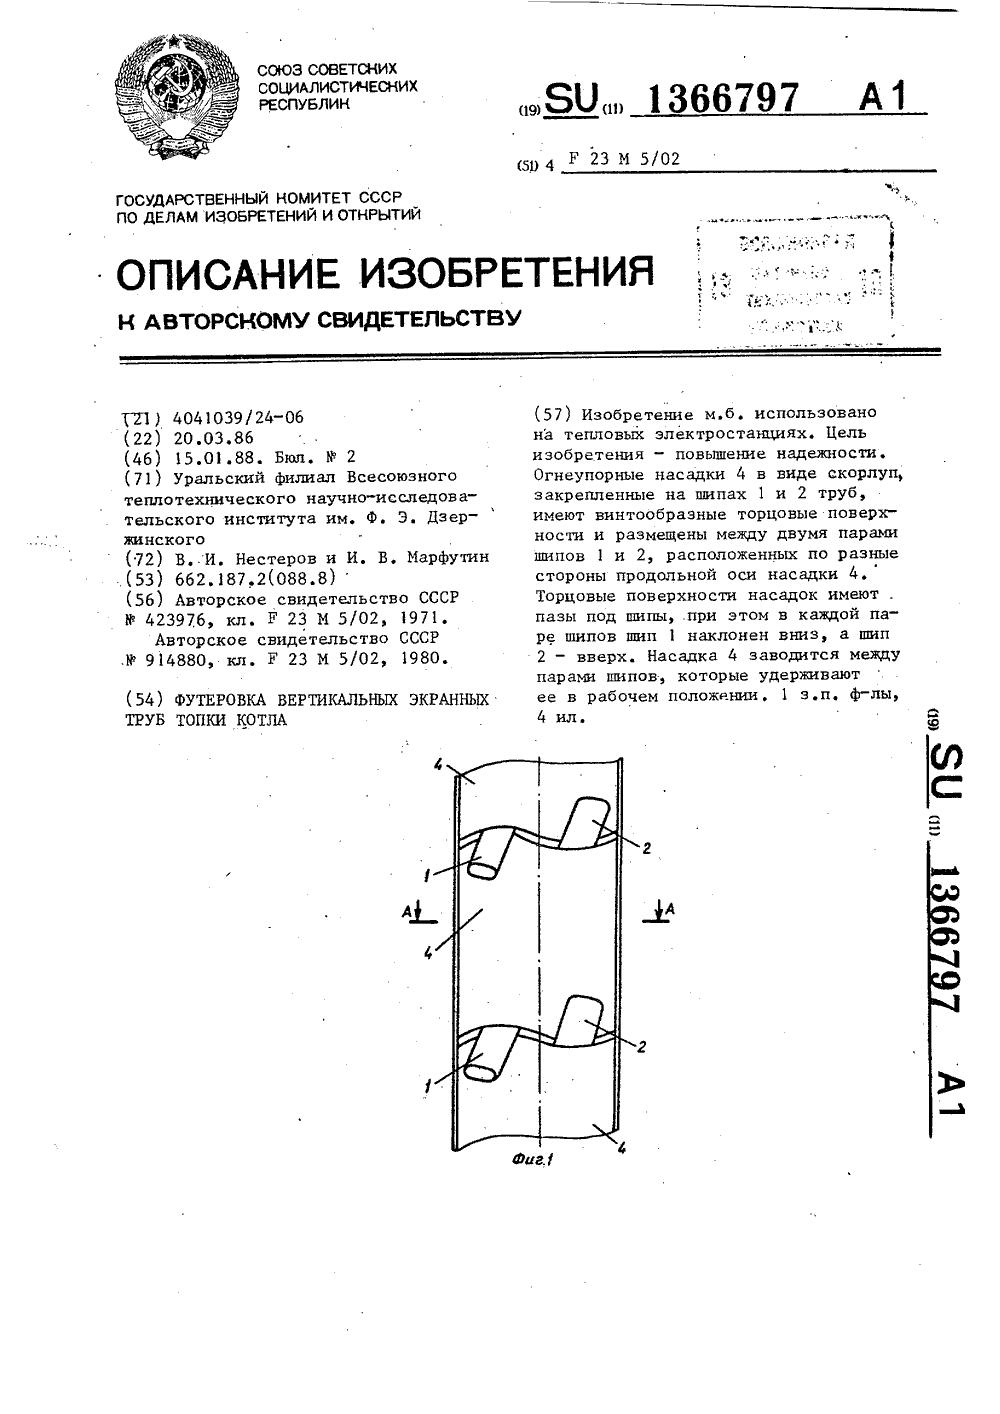 Горелка гг 1 схема огнеупорная амбразура